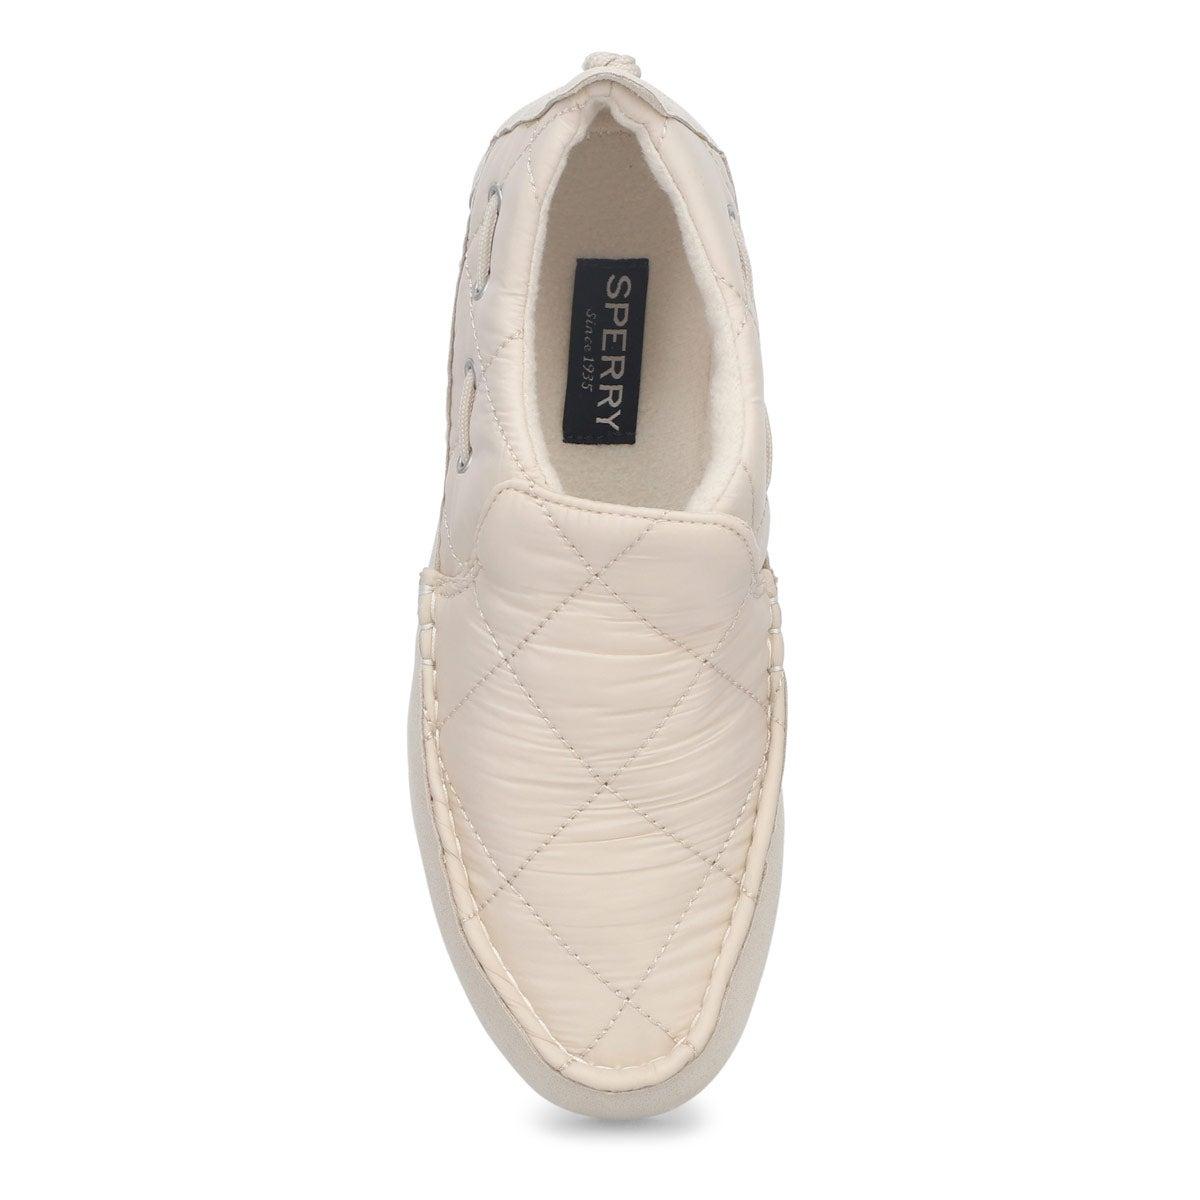 Women's Moc-Sider Slip On Shoe - White